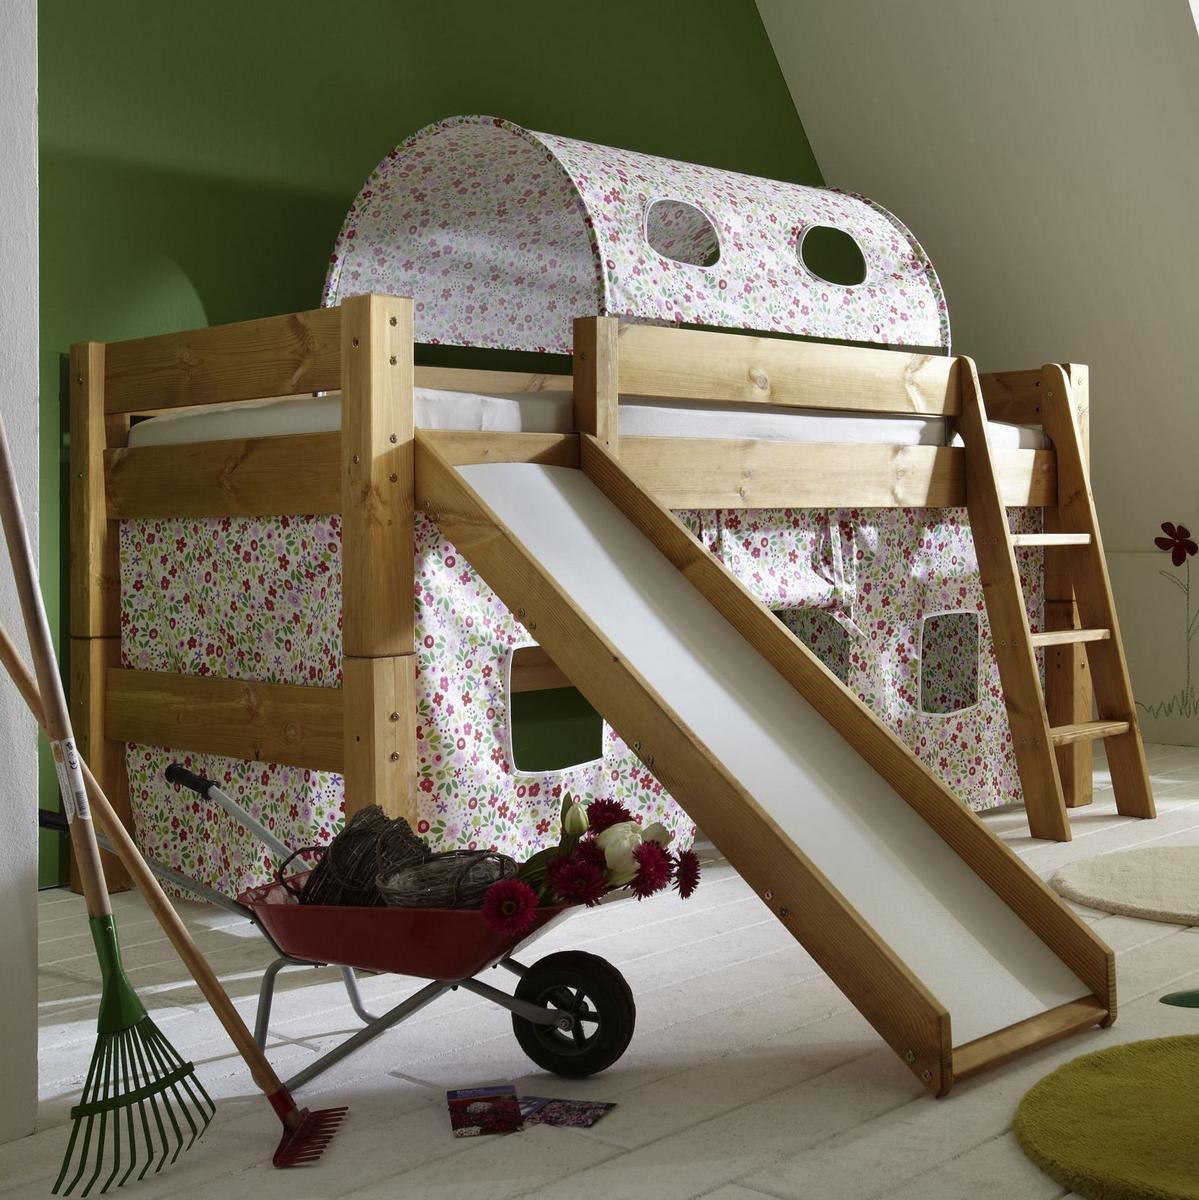 hochbetten mit rutsche hochbett mit rutsche und schaukel hochbett mit rutsche in l form monic. Black Bedroom Furniture Sets. Home Design Ideas